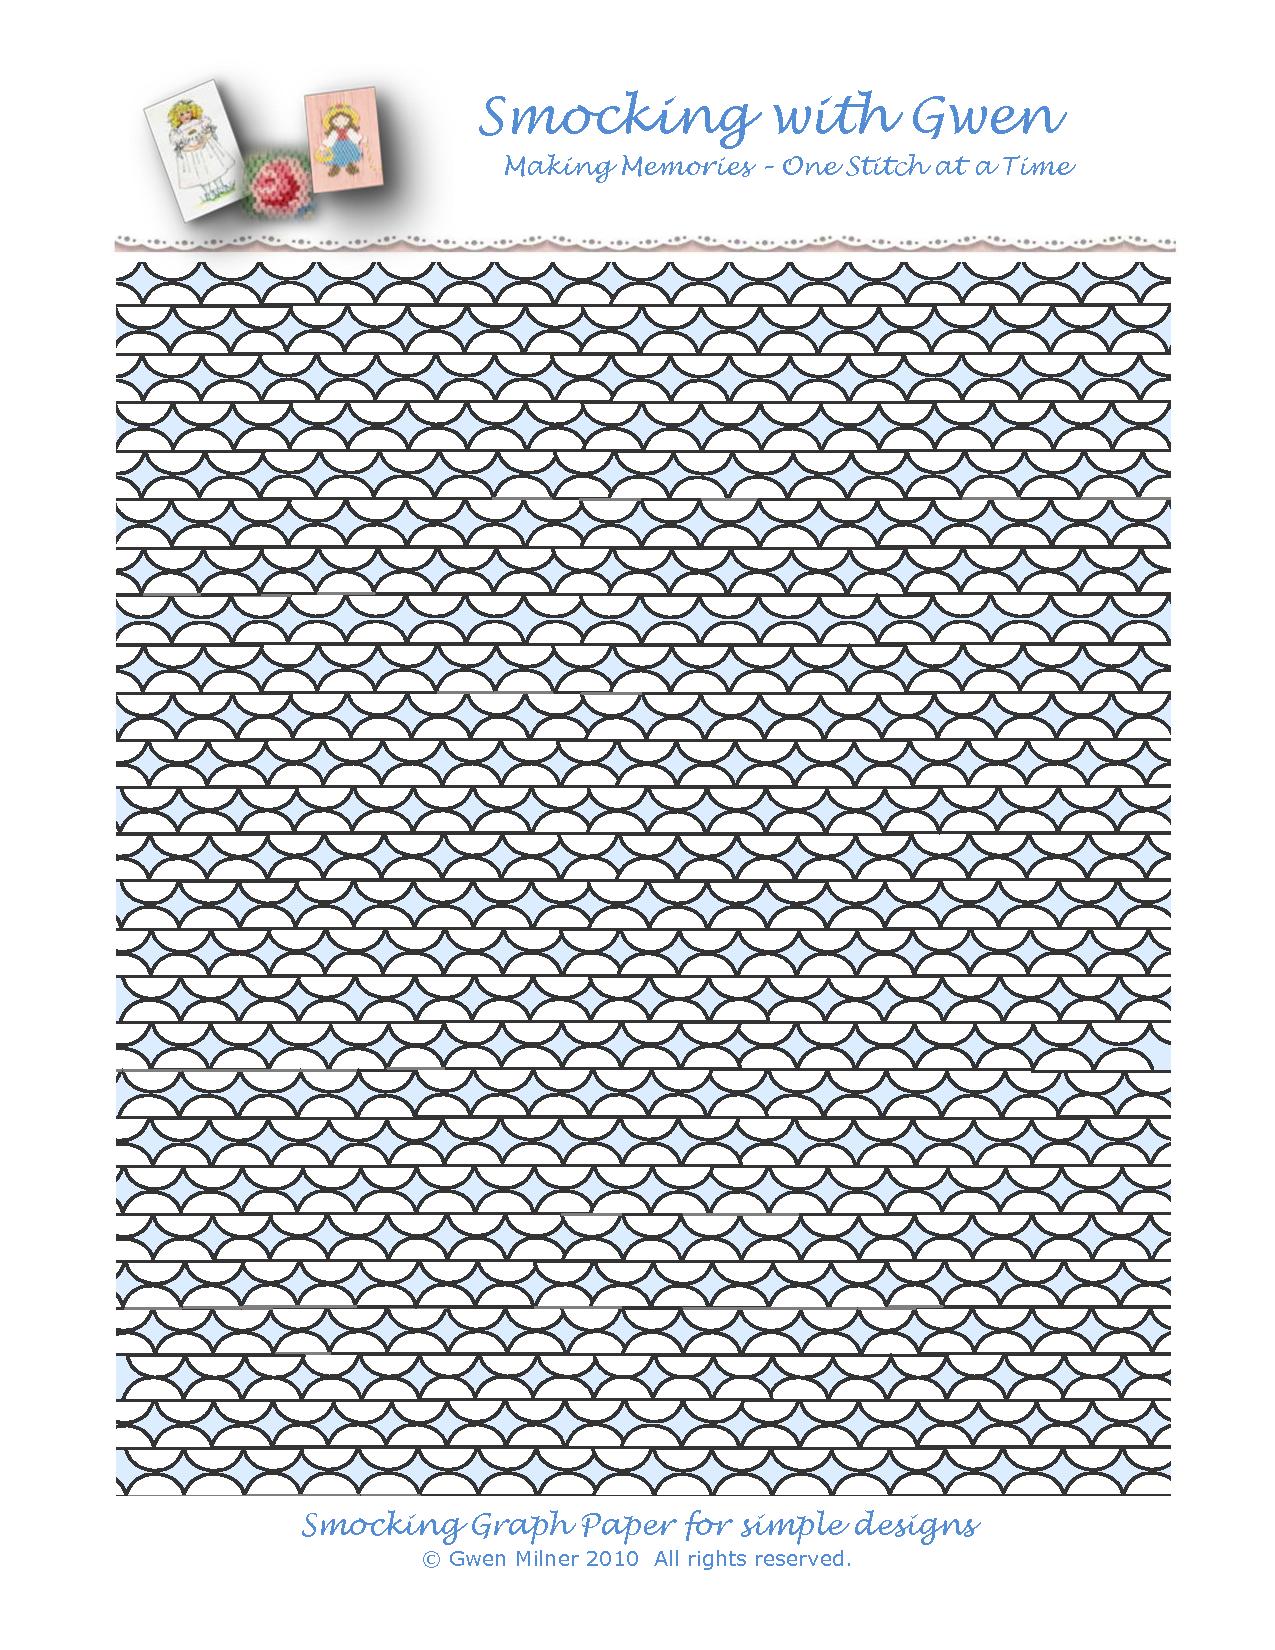 Free Printable Smocking Plates | Free Print Smocking http://www ...